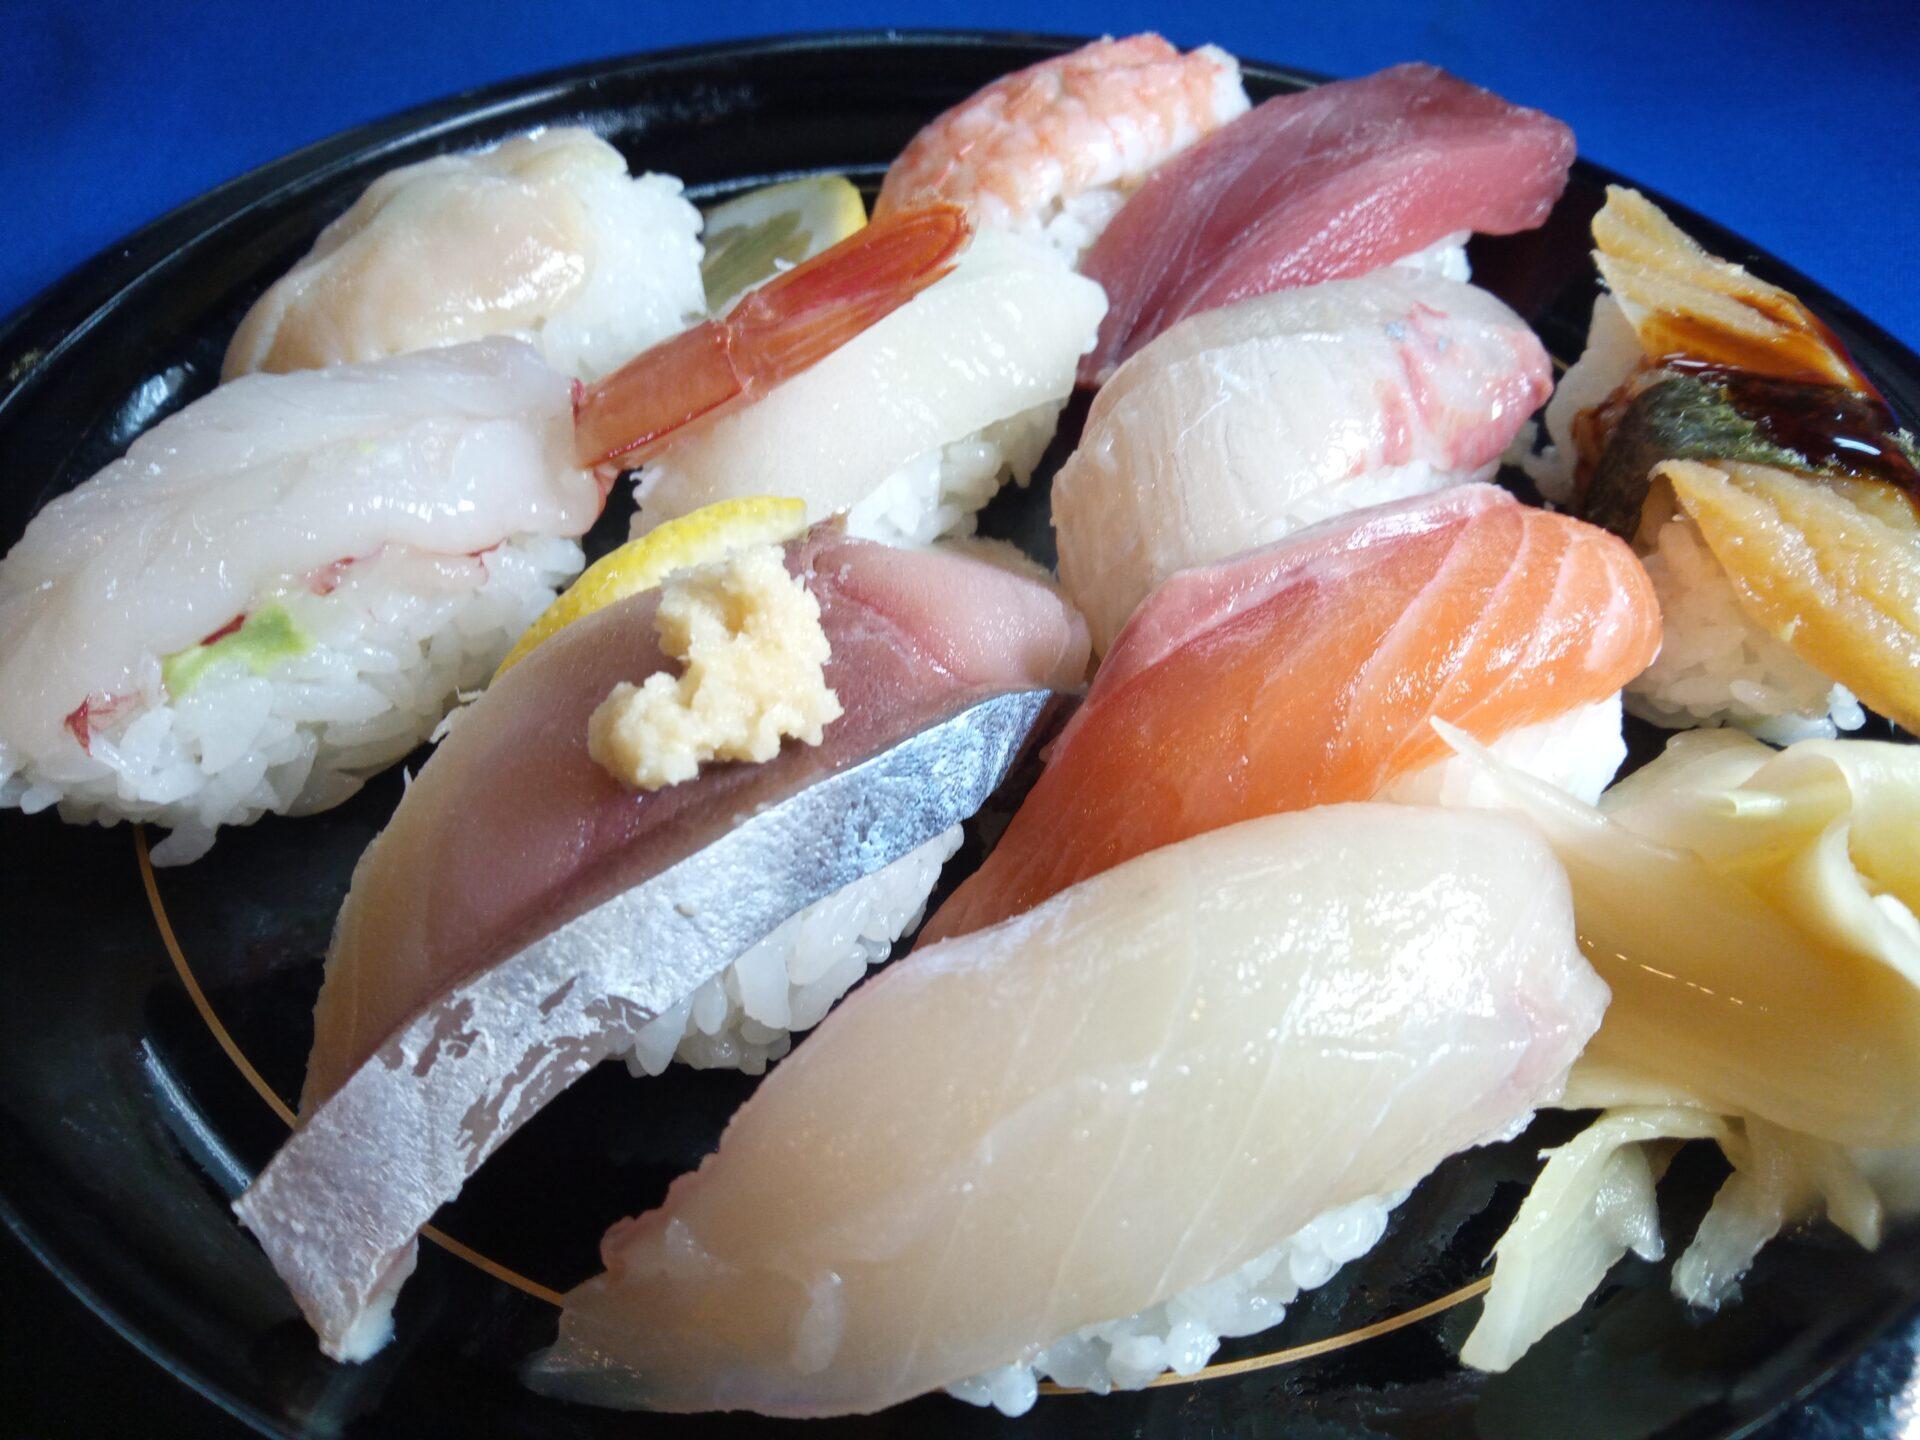 貫 寿司 10 寿司10貫が飛び出す「とびだせ! おすし」が超気持ちイイ!